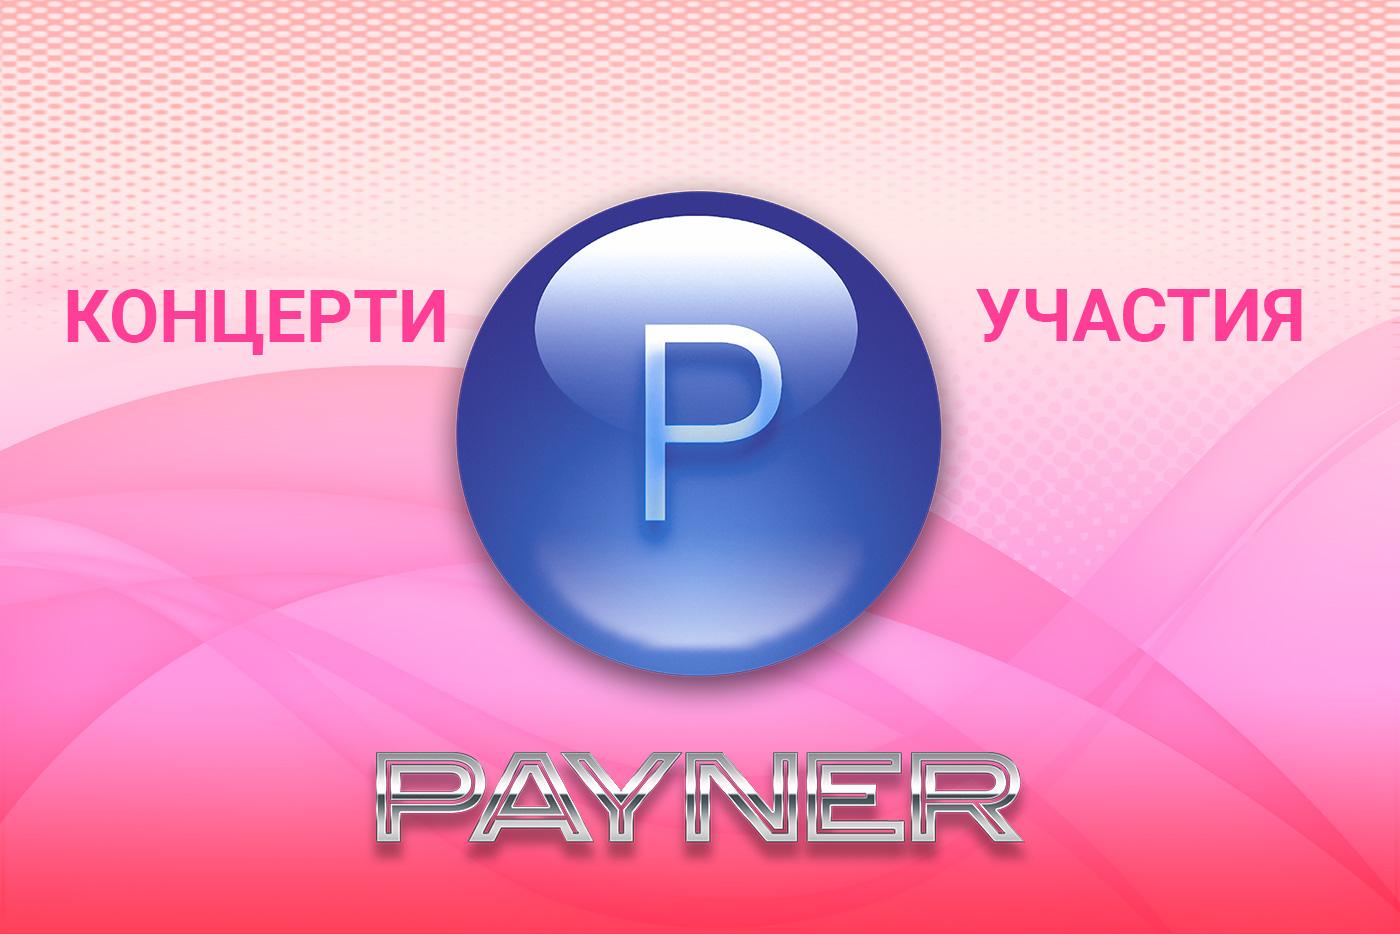 """Участия на звездите на """"Пайнер"""" на 28.05.2019"""